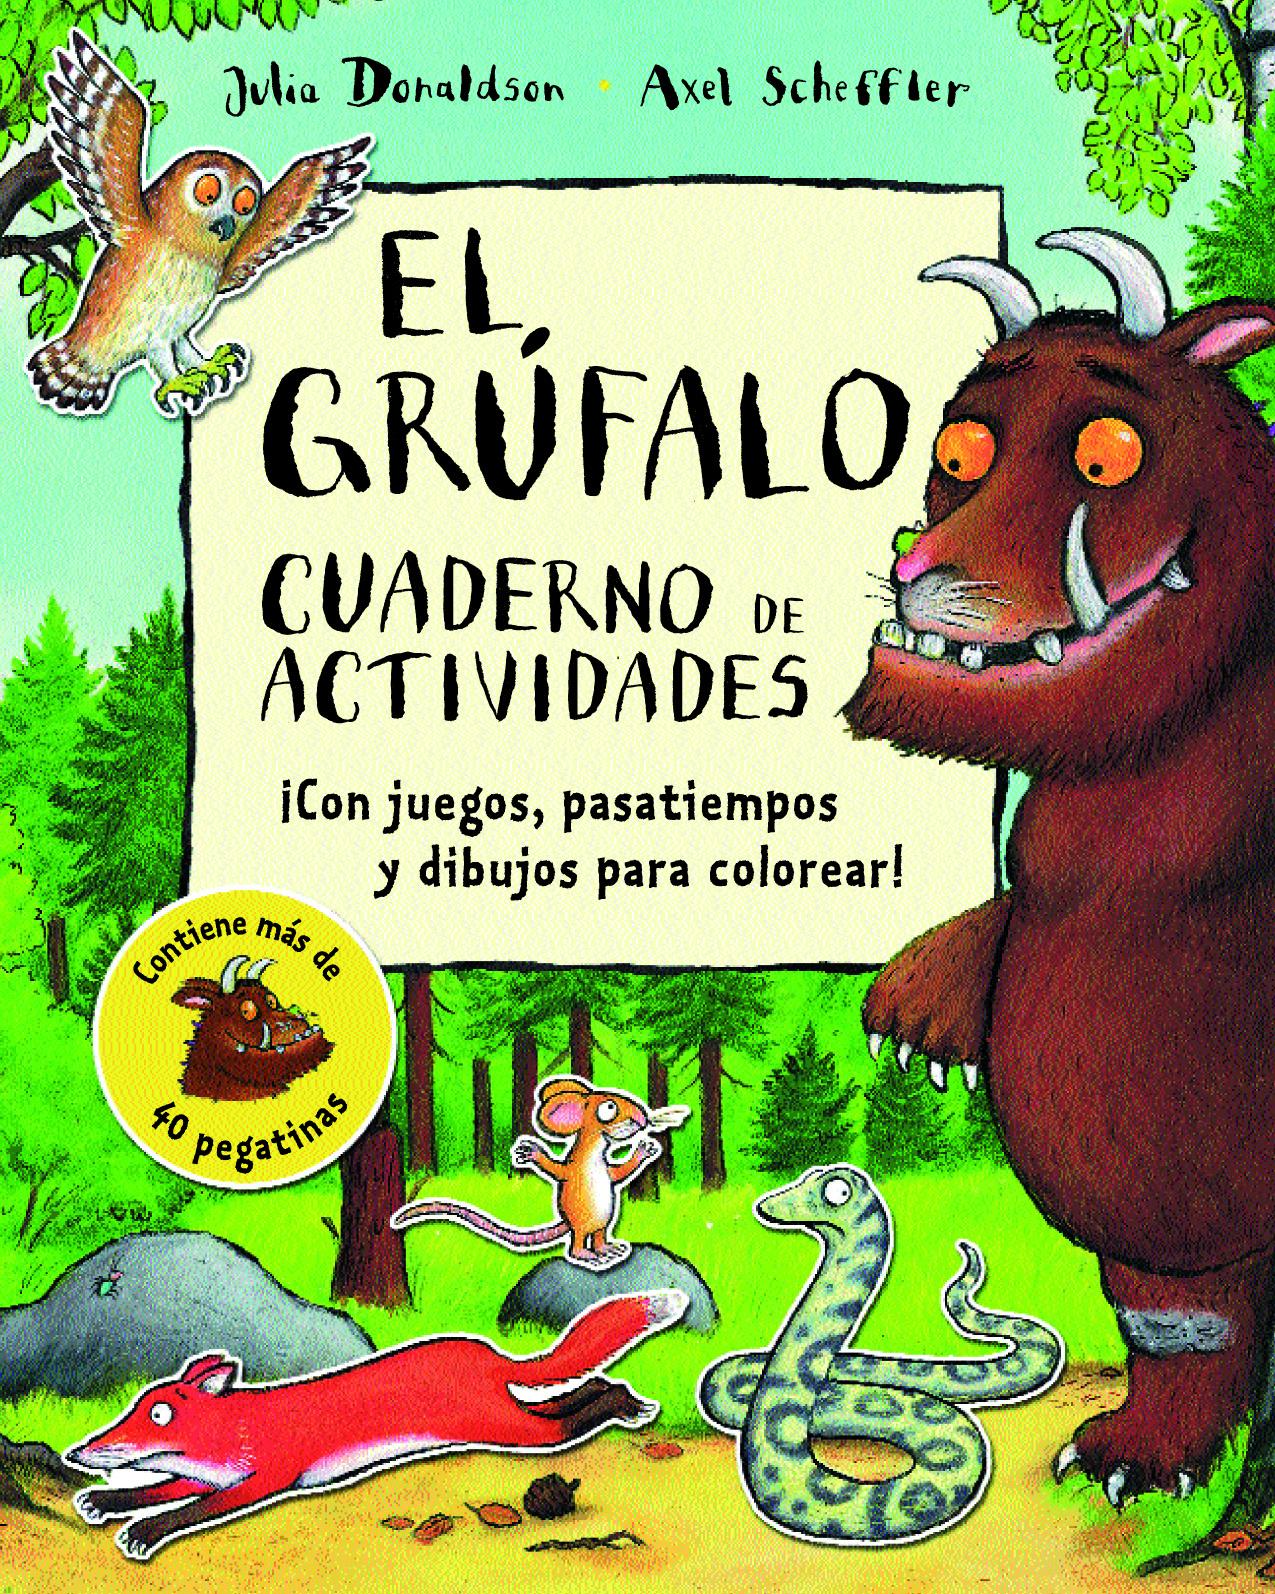 El Grufalo cuaderno